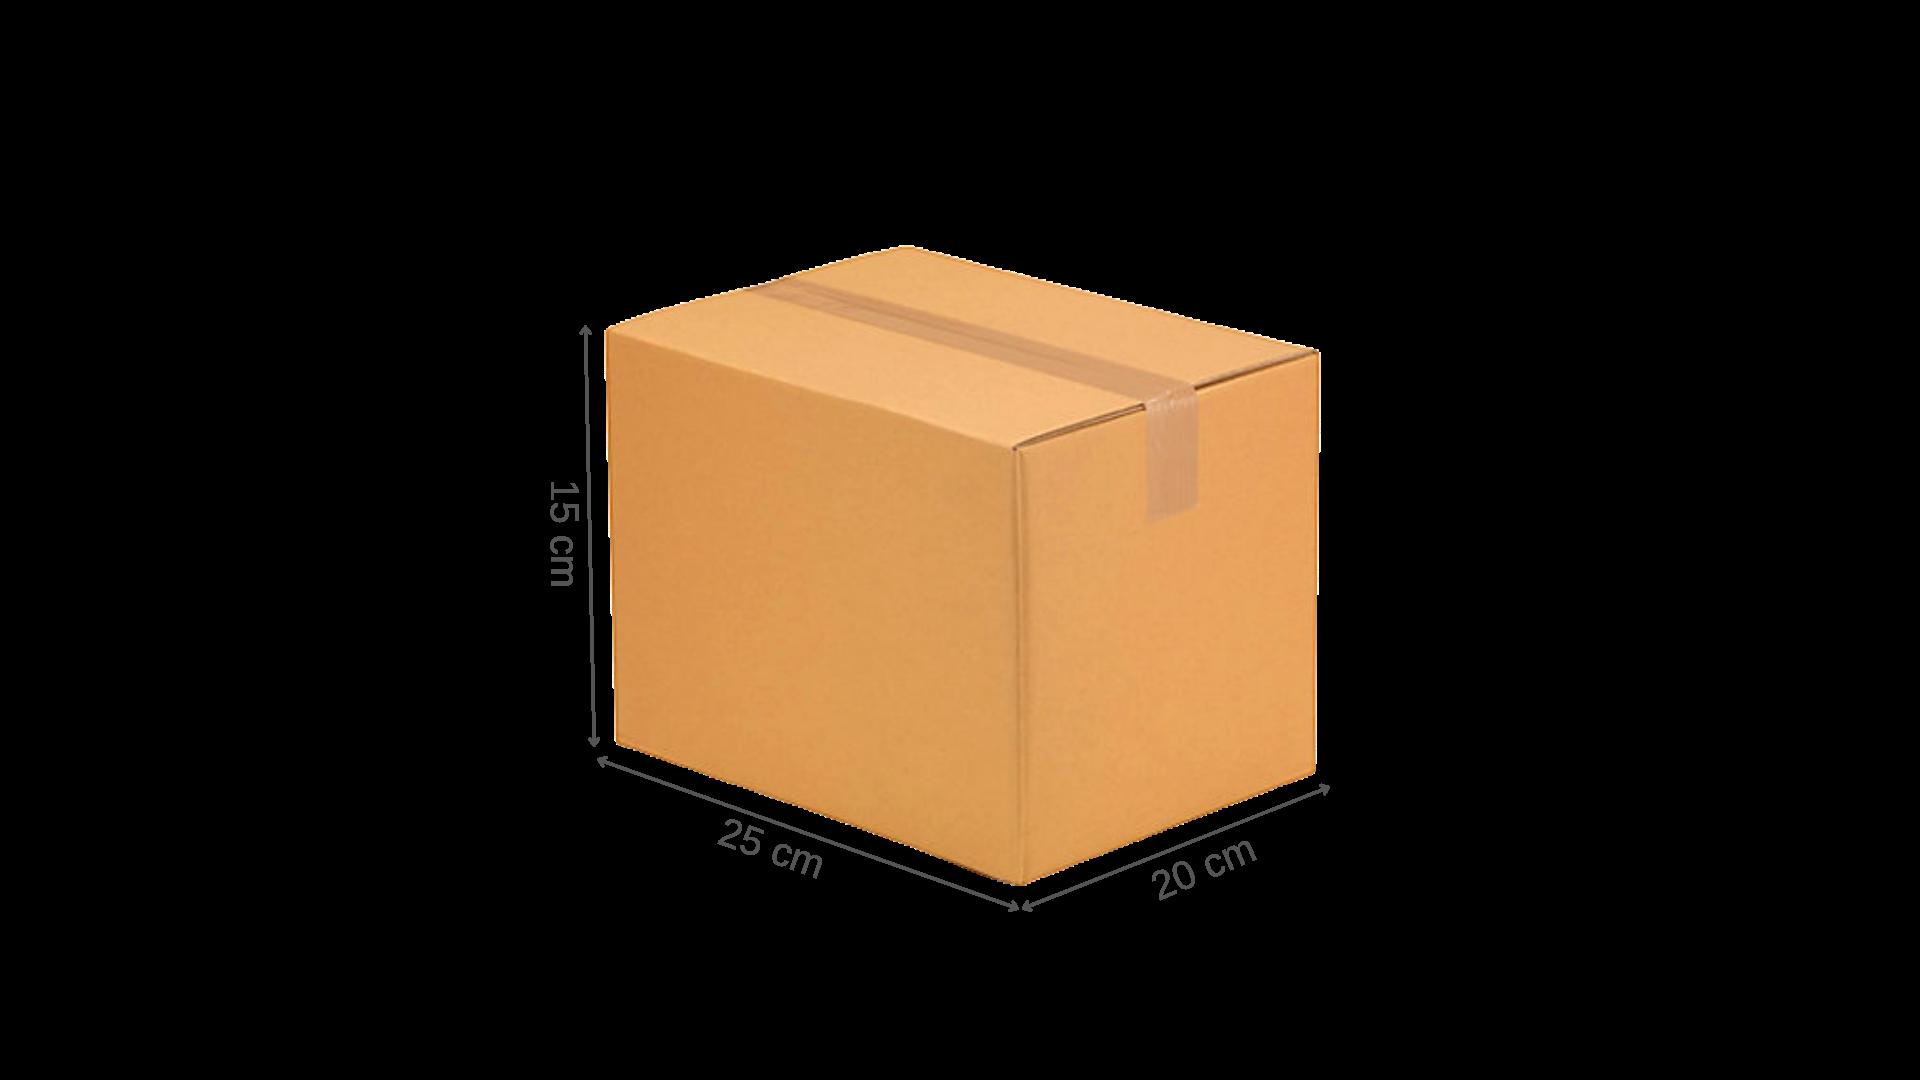 Carton double cannelure 25x20x15 cm 1